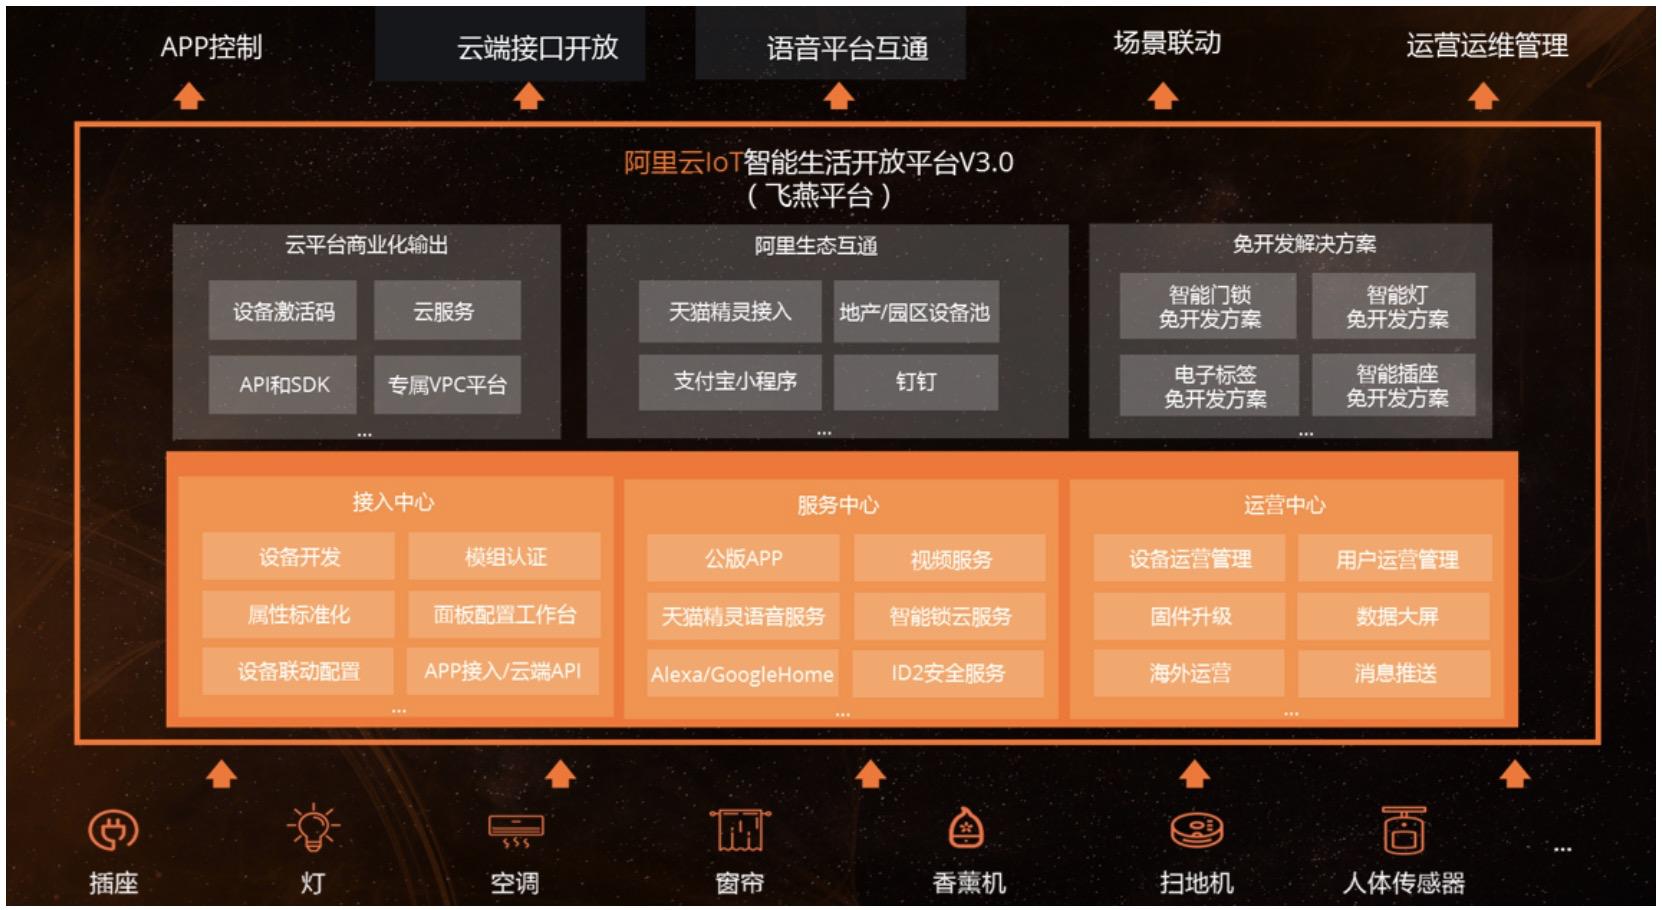 """阿里云生活物联网平台3.0发布,助力智能家电""""中国造、全球卖"""""""